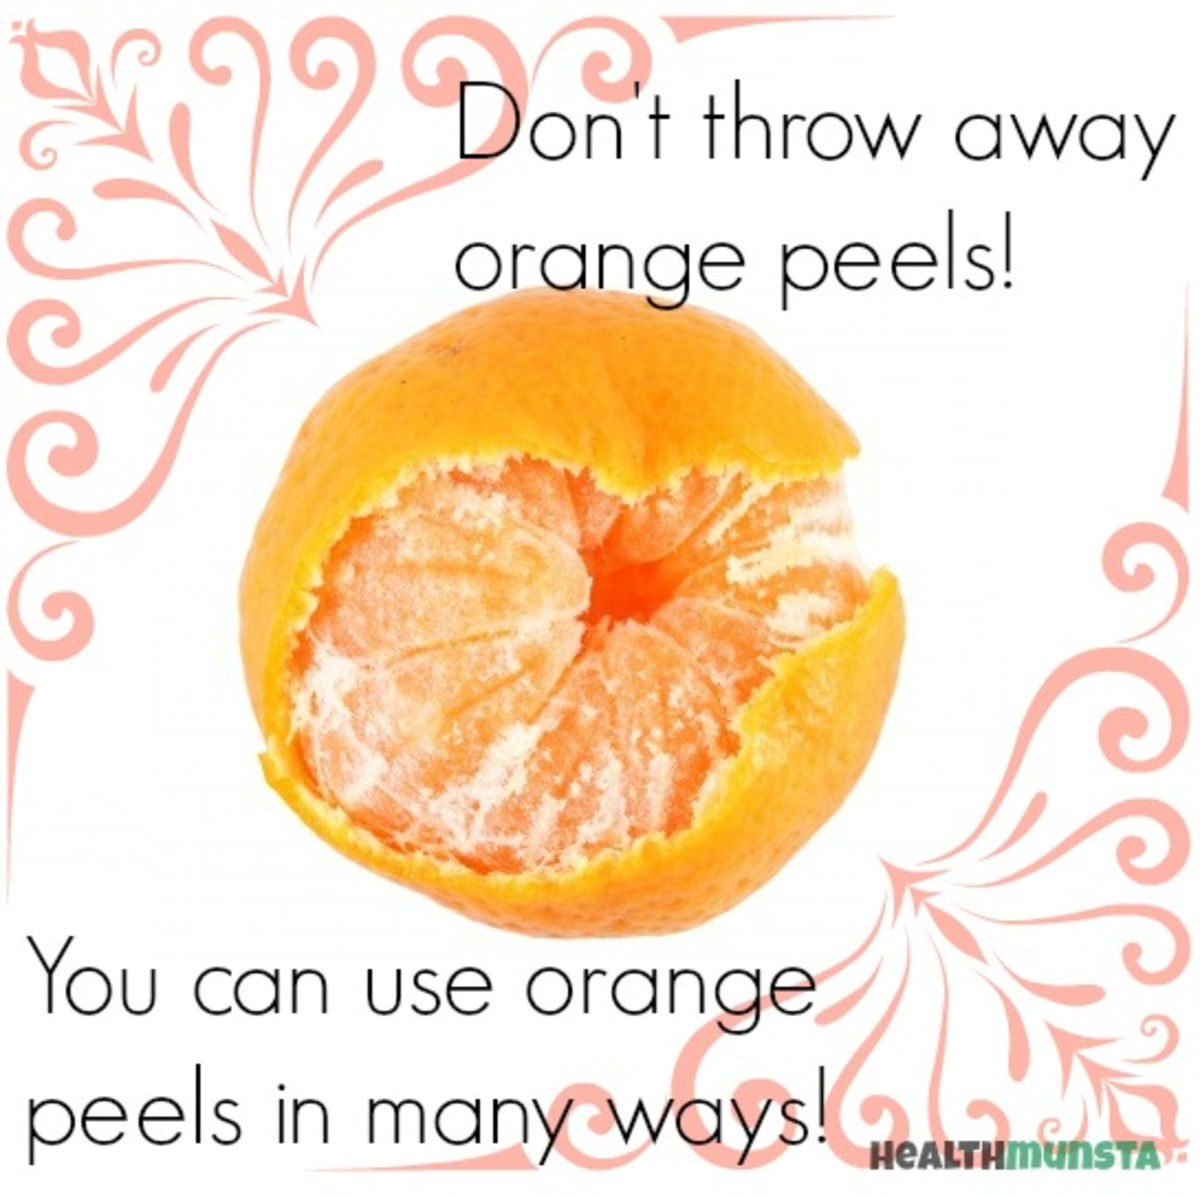 The Health Benefits of Orange Peels